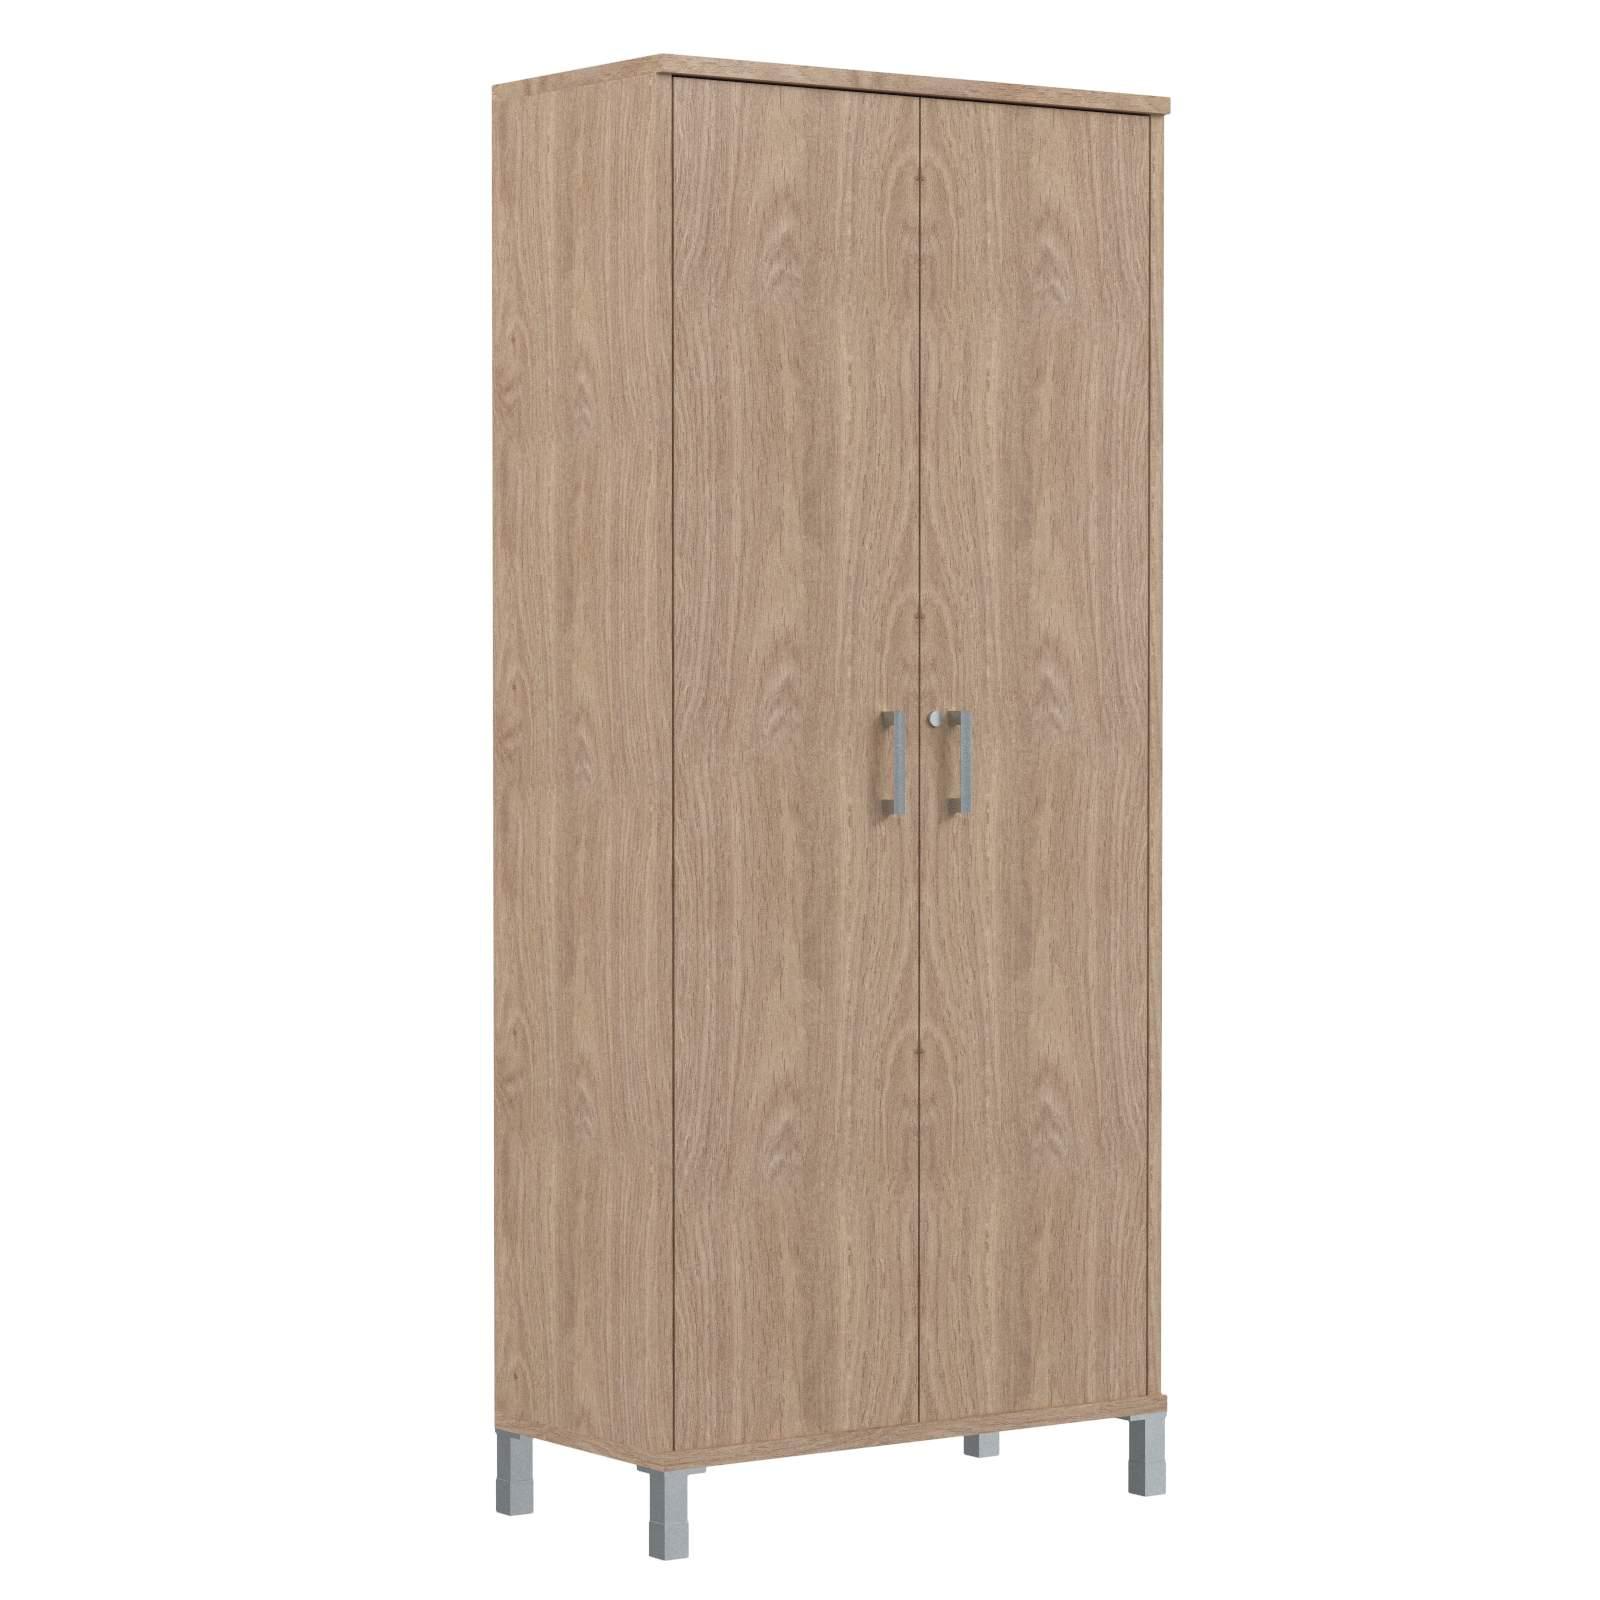 Шкаф высокий с замком в глухих дверях 900х435х2004